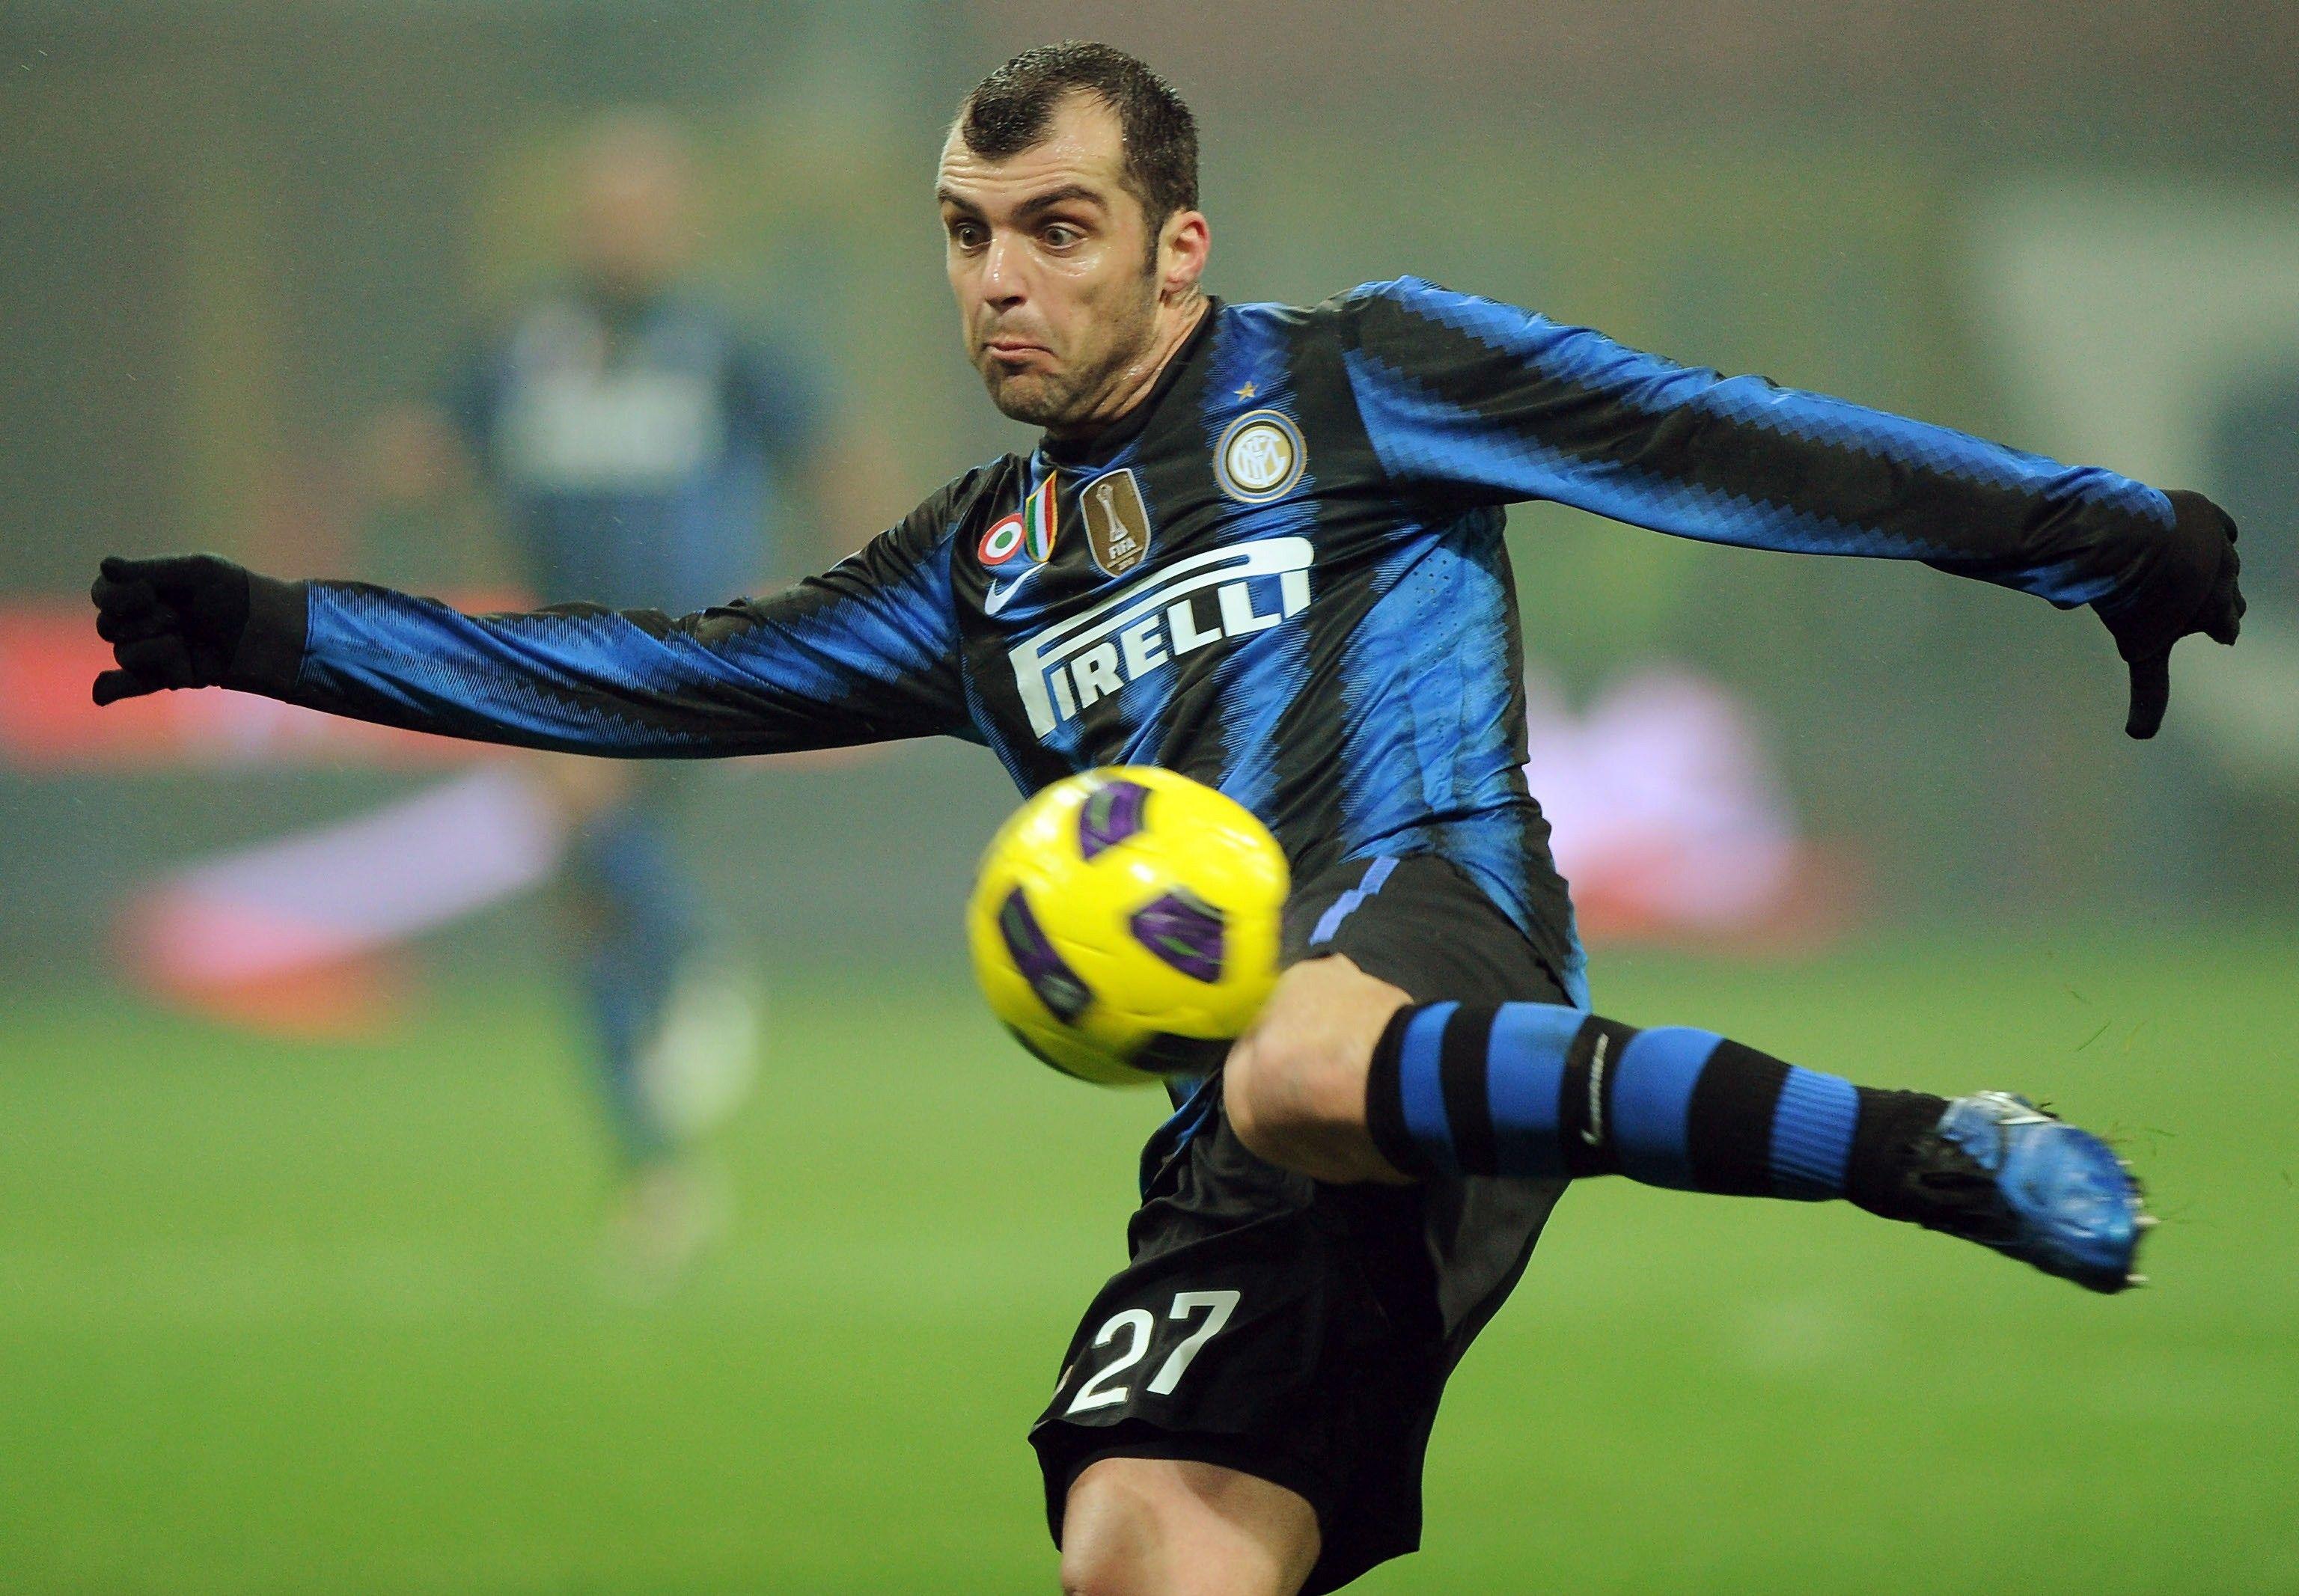 Goran Pandev. Lazio to Inter Milan. | Inter milan, Goran pandev, Milan